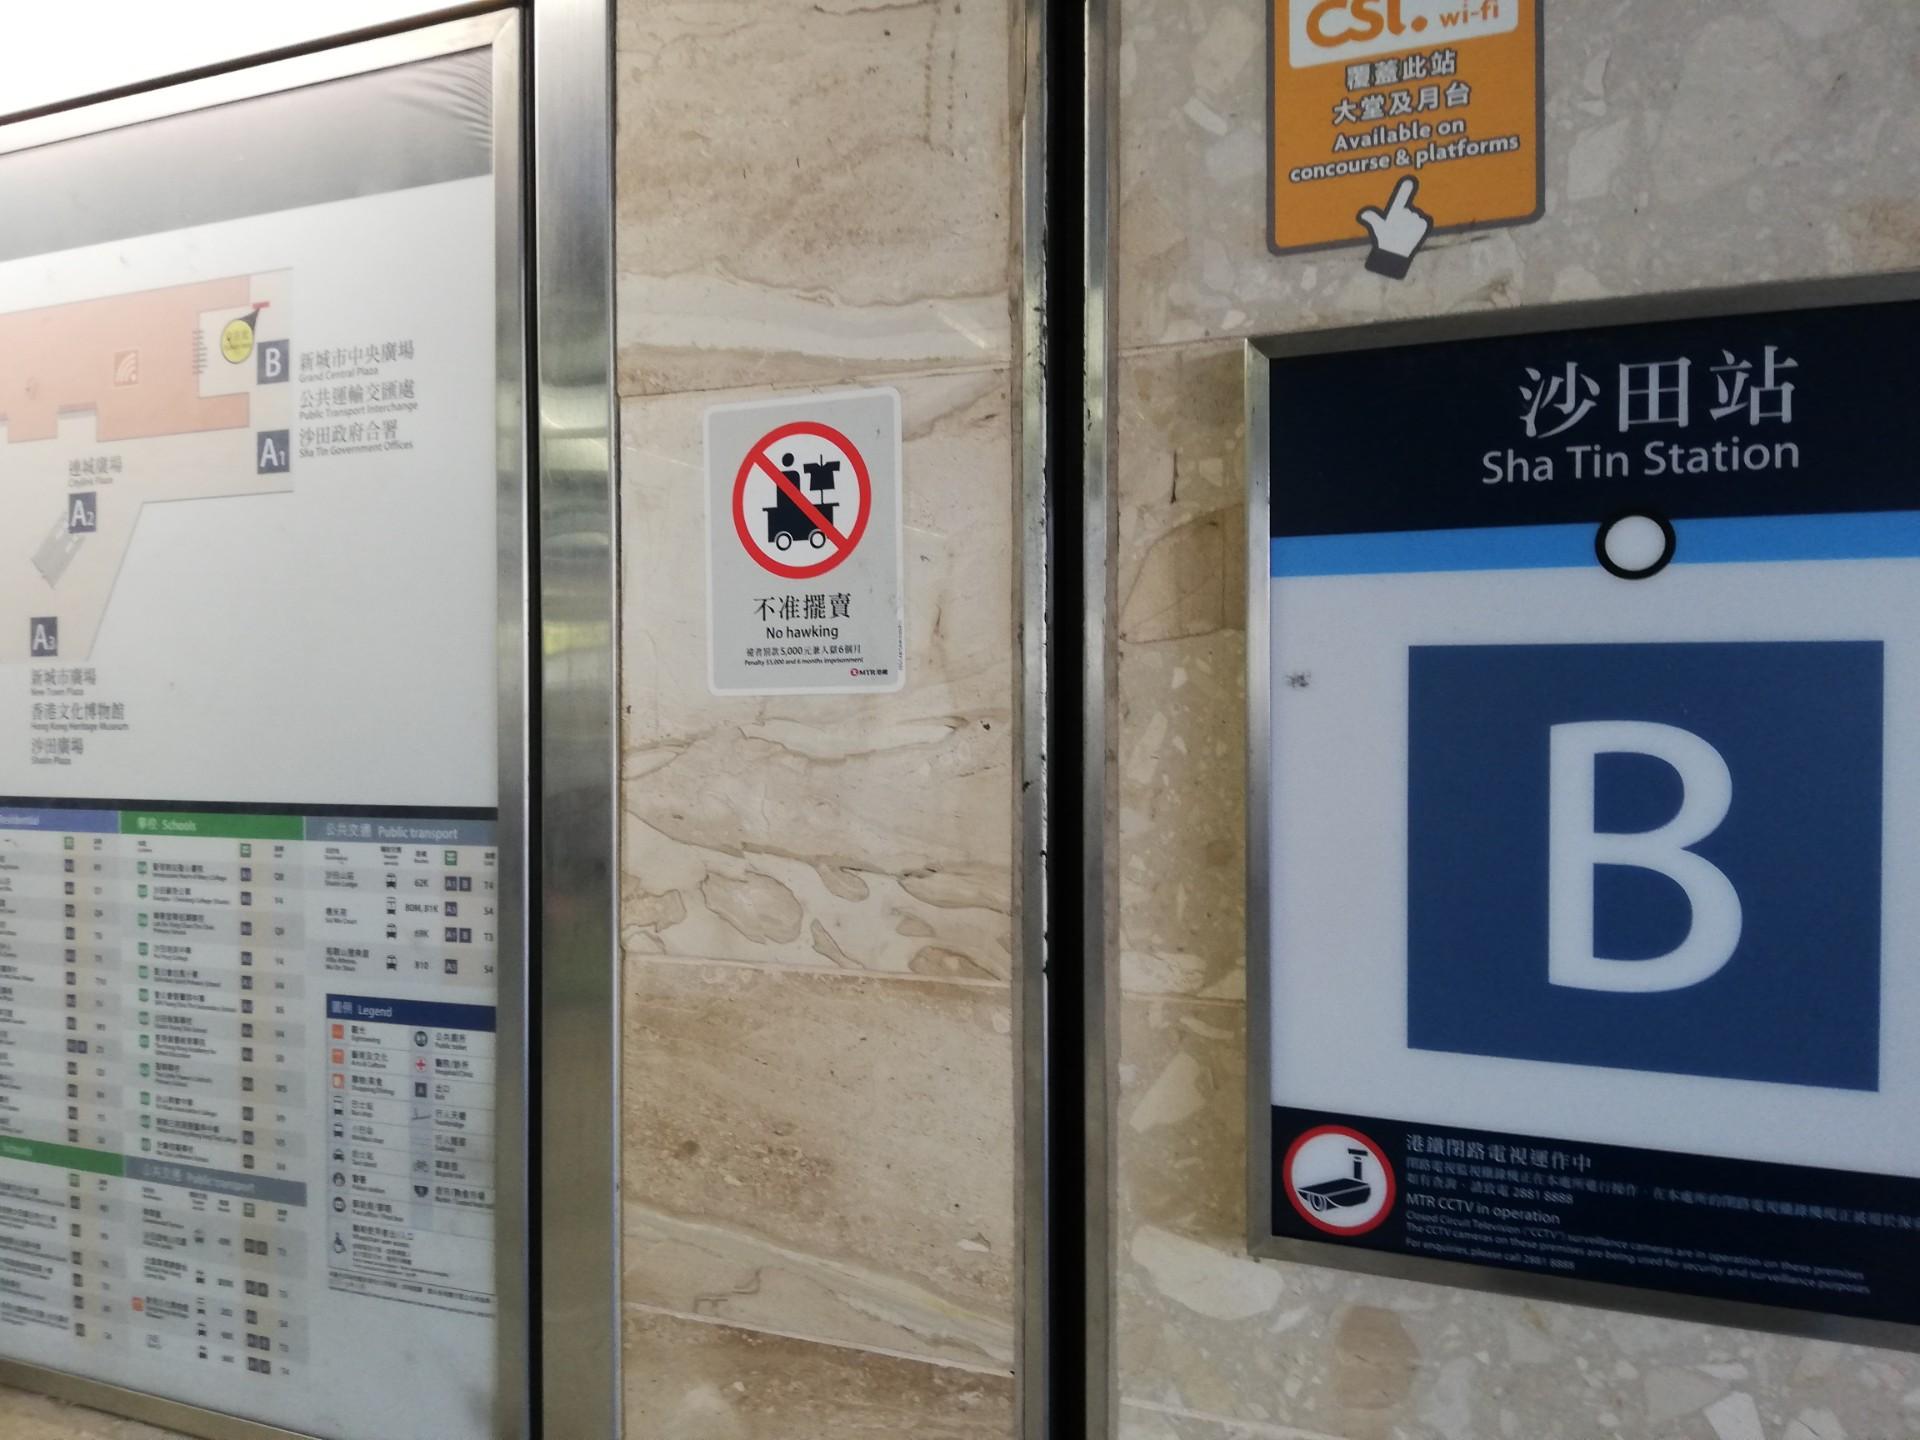 沙田(シャティン)駅 B出口